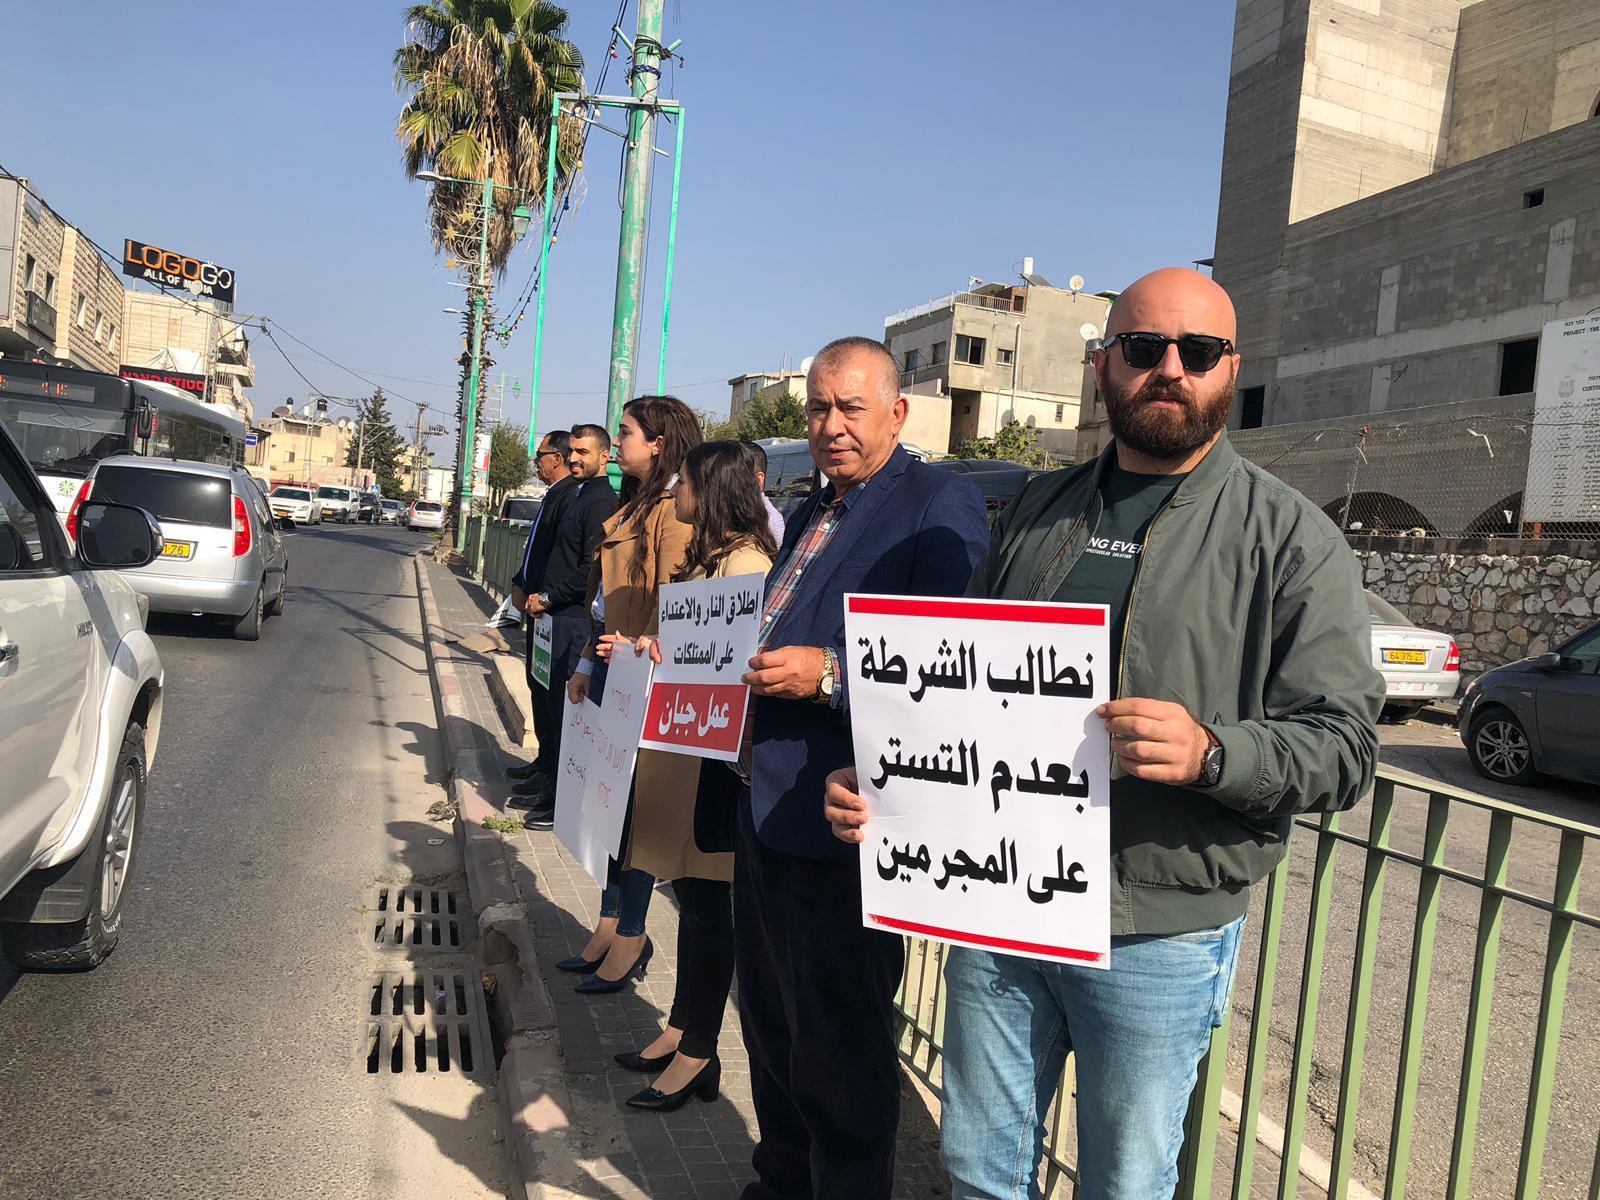 وقفة احتجاجية ضد العنف والجريمة في كفر كنا